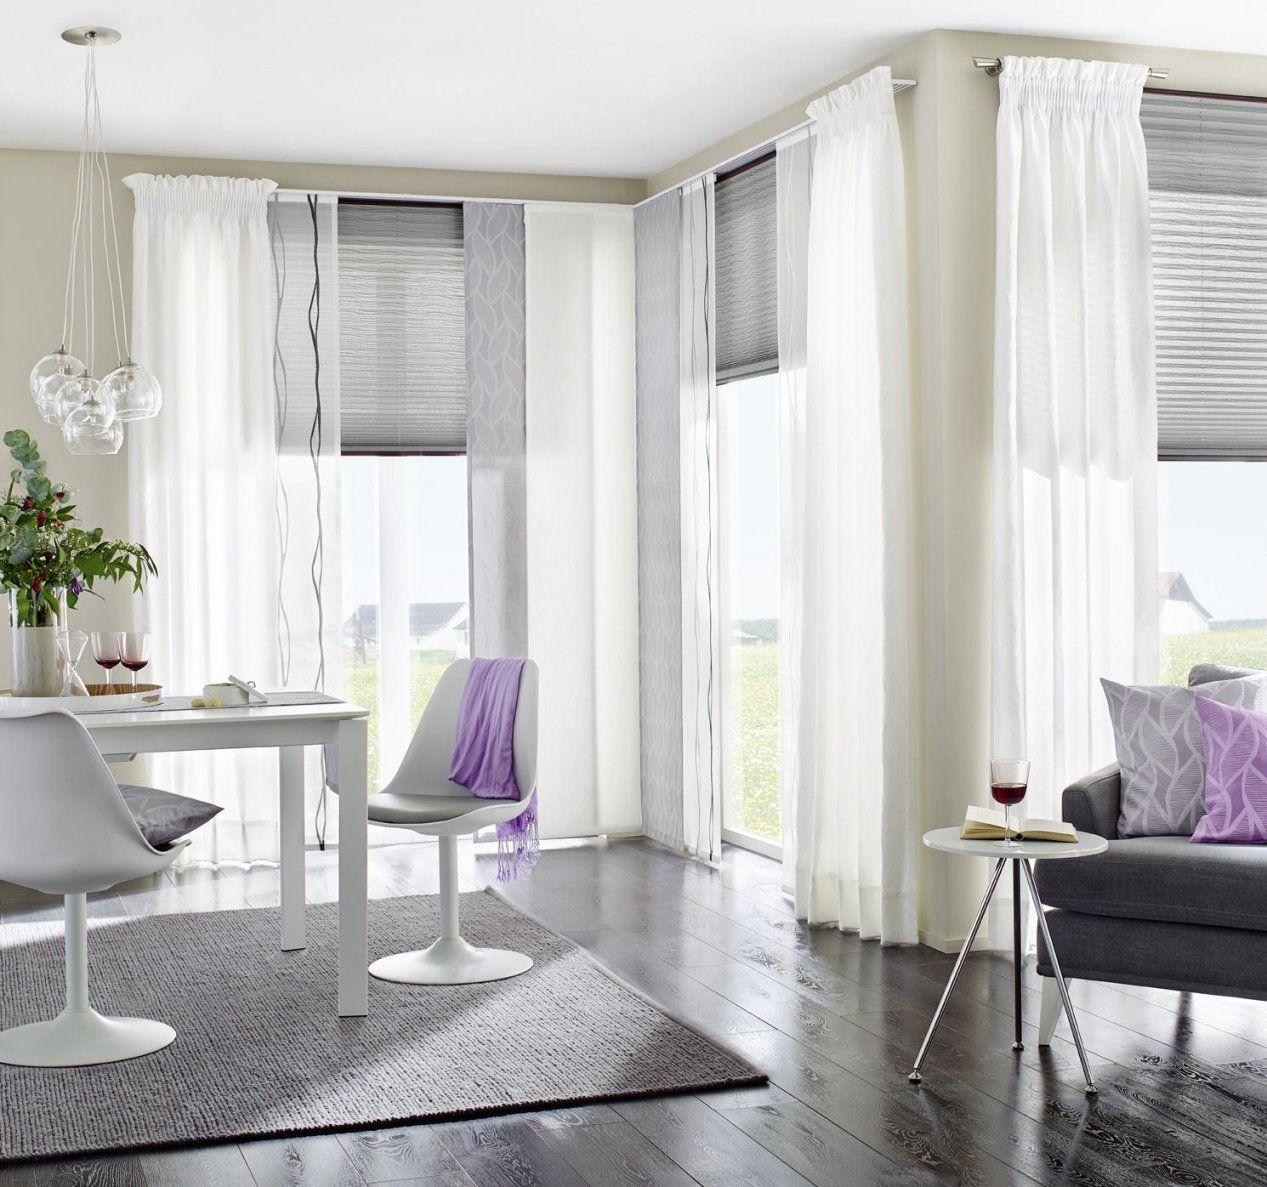 Fenster Naval Gardinen Dekostoffe Vorhang Wohnstoffeplissees von Unland Gardinen Muster Photo